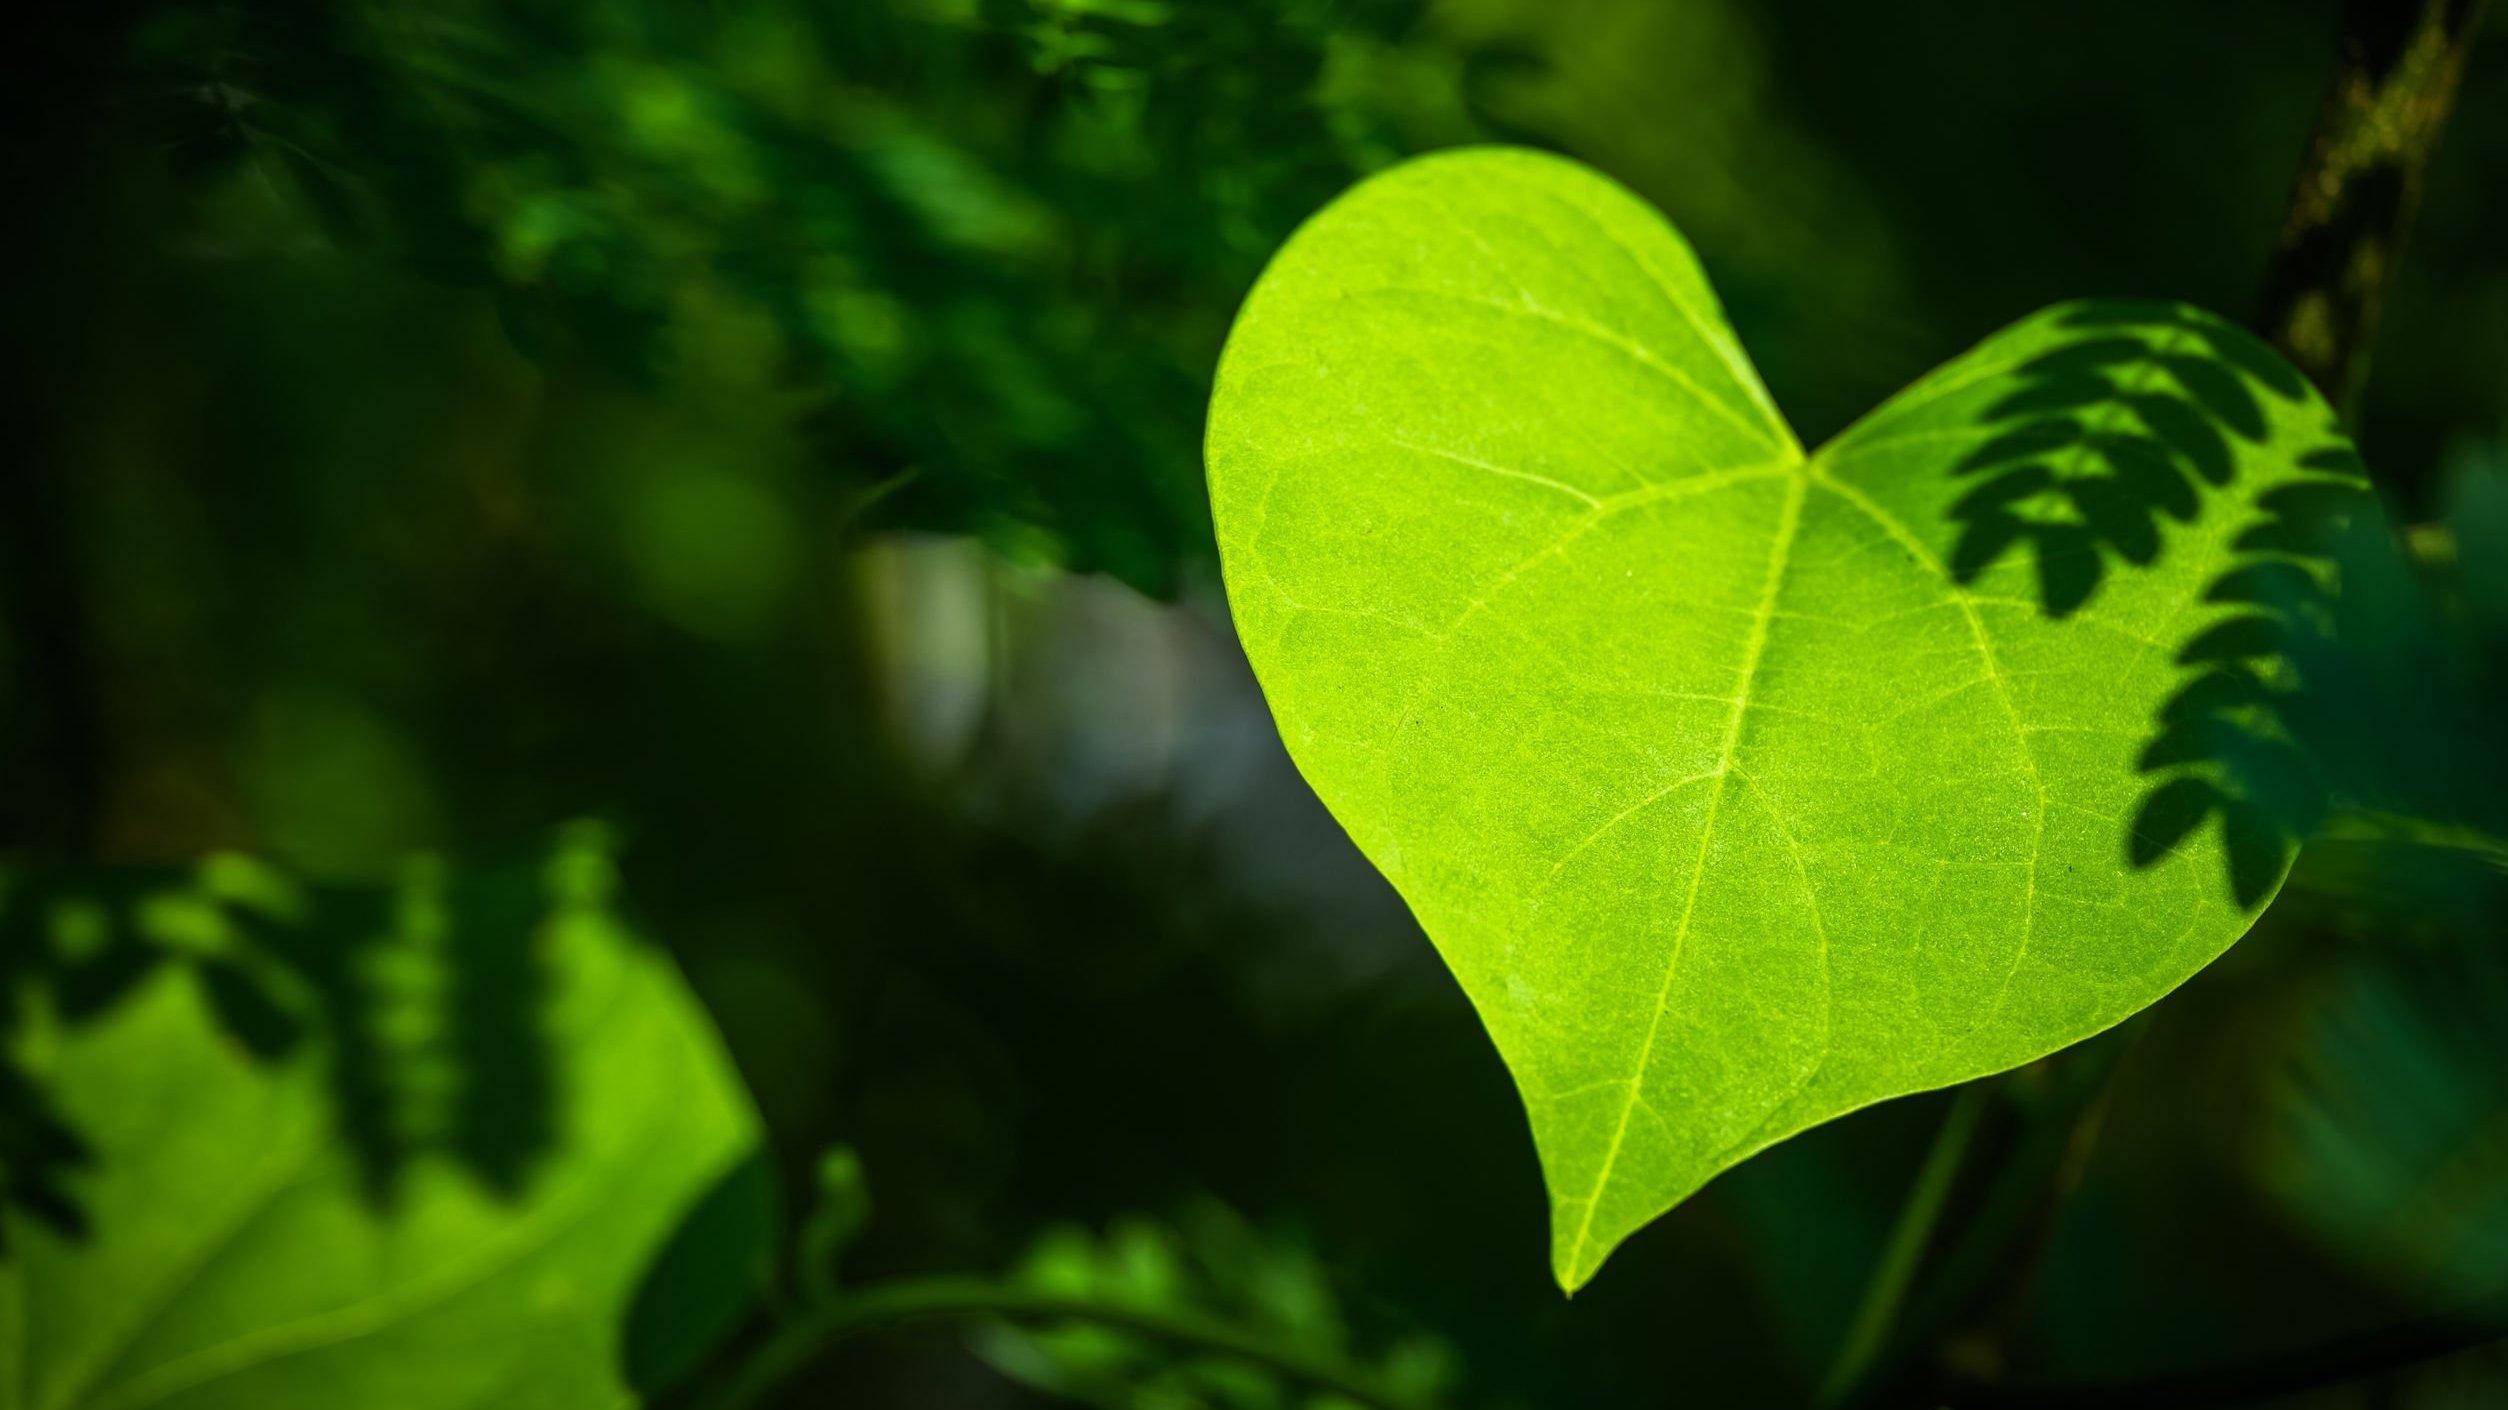 Folha verde em formato de coração na floresta